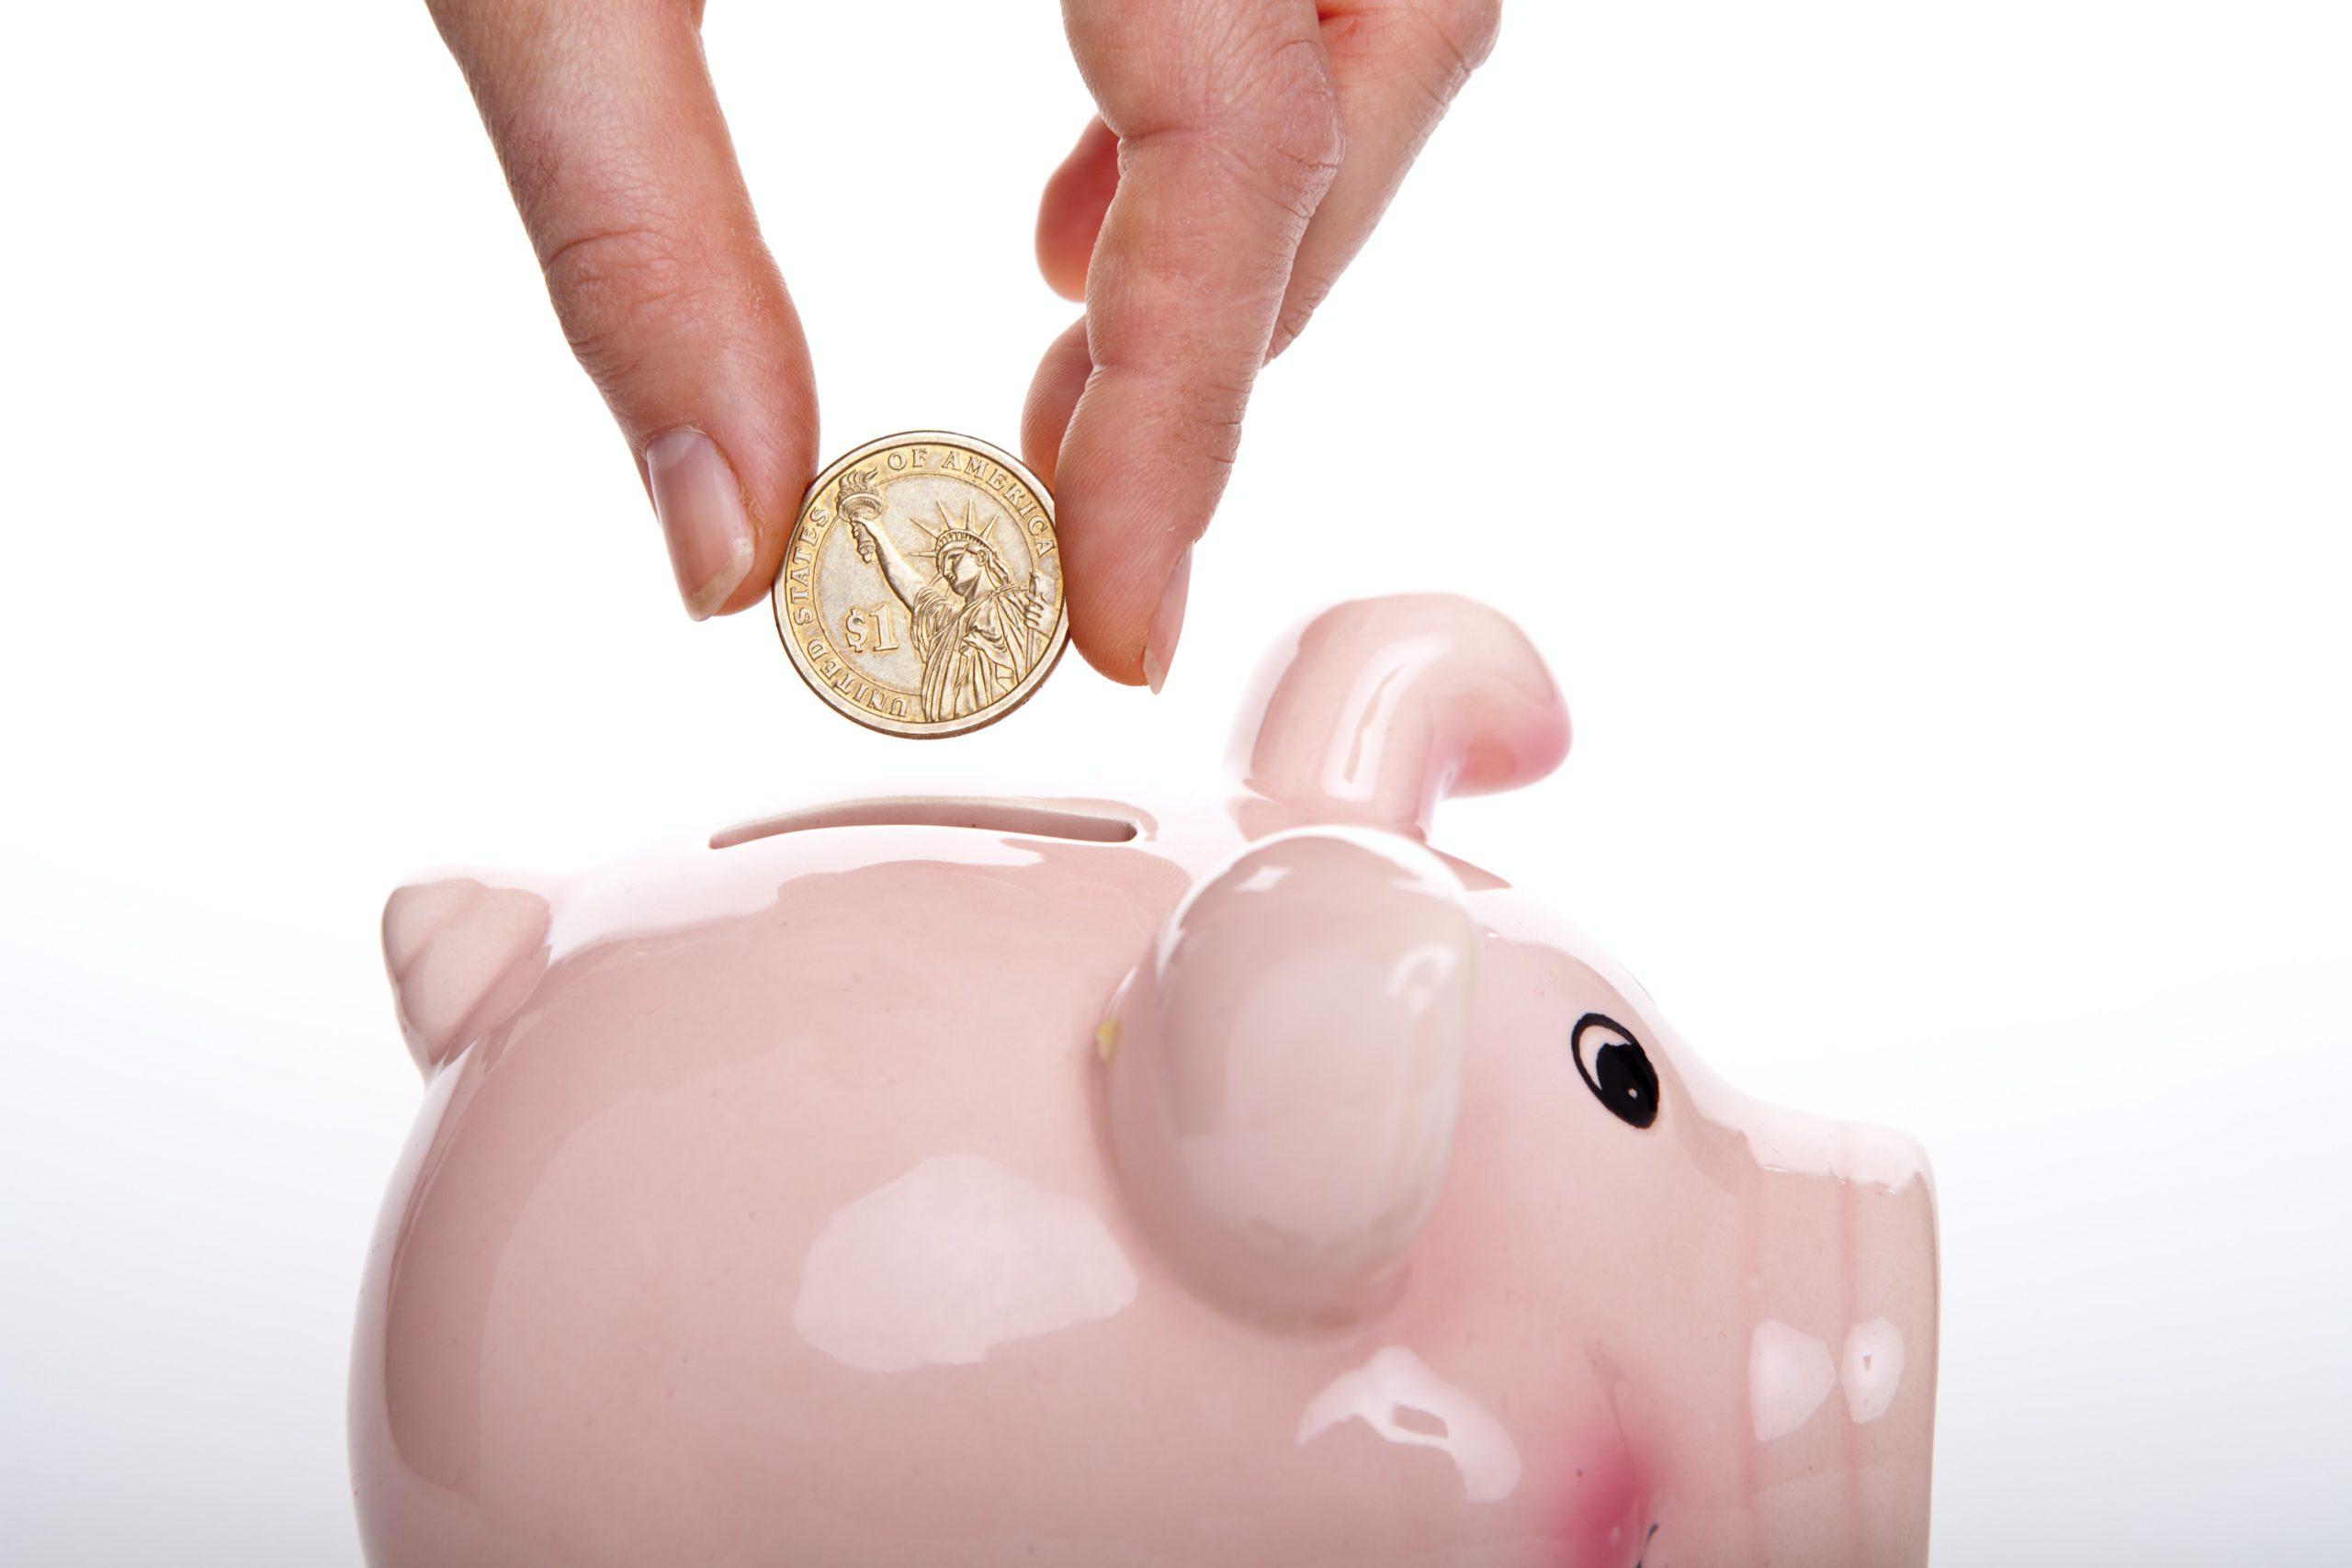 pessoa colocando moeda em um cofrinho de porco